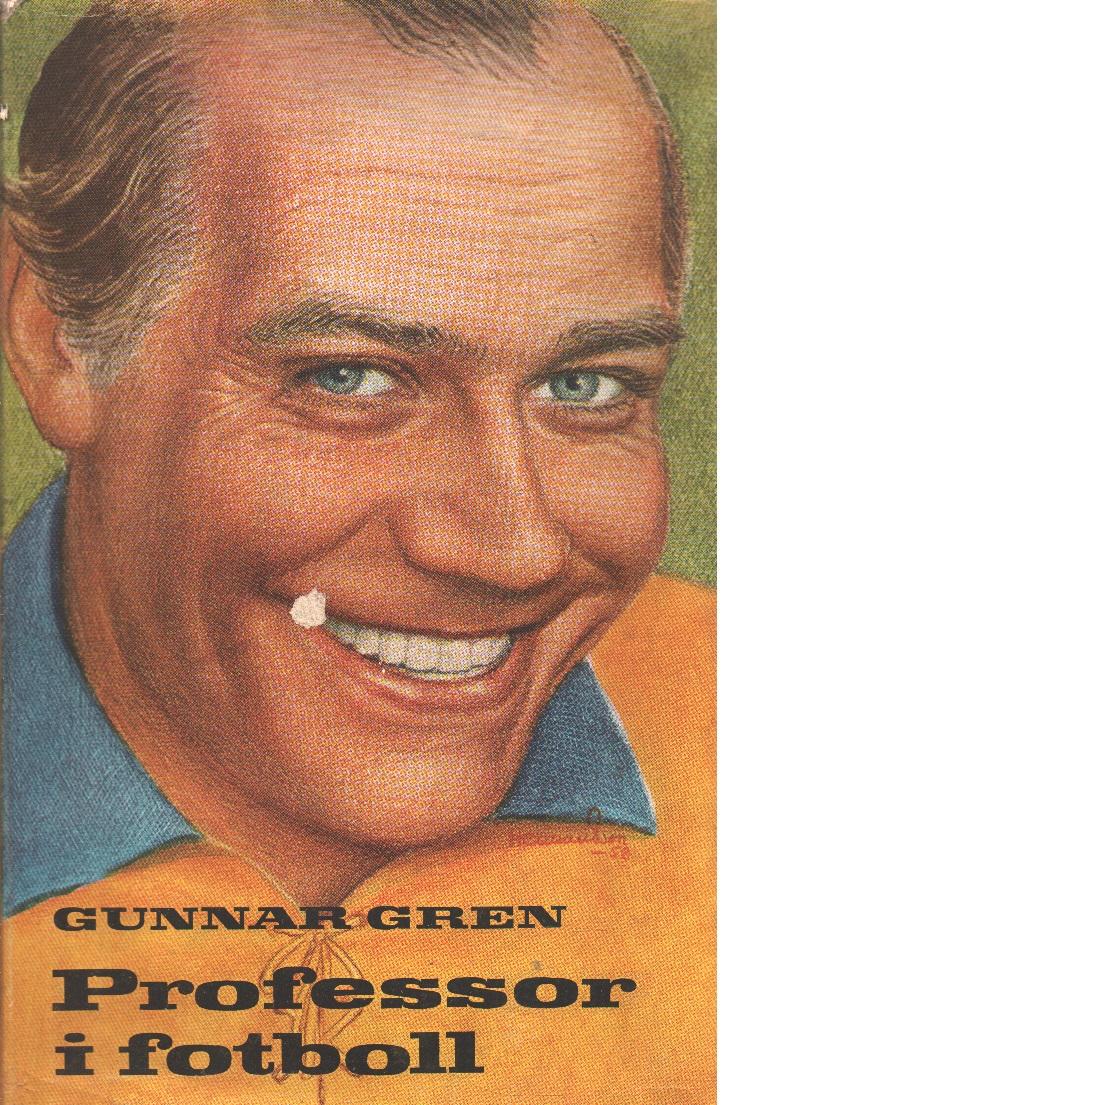 Professor i fotboll - Gren, Gunnar